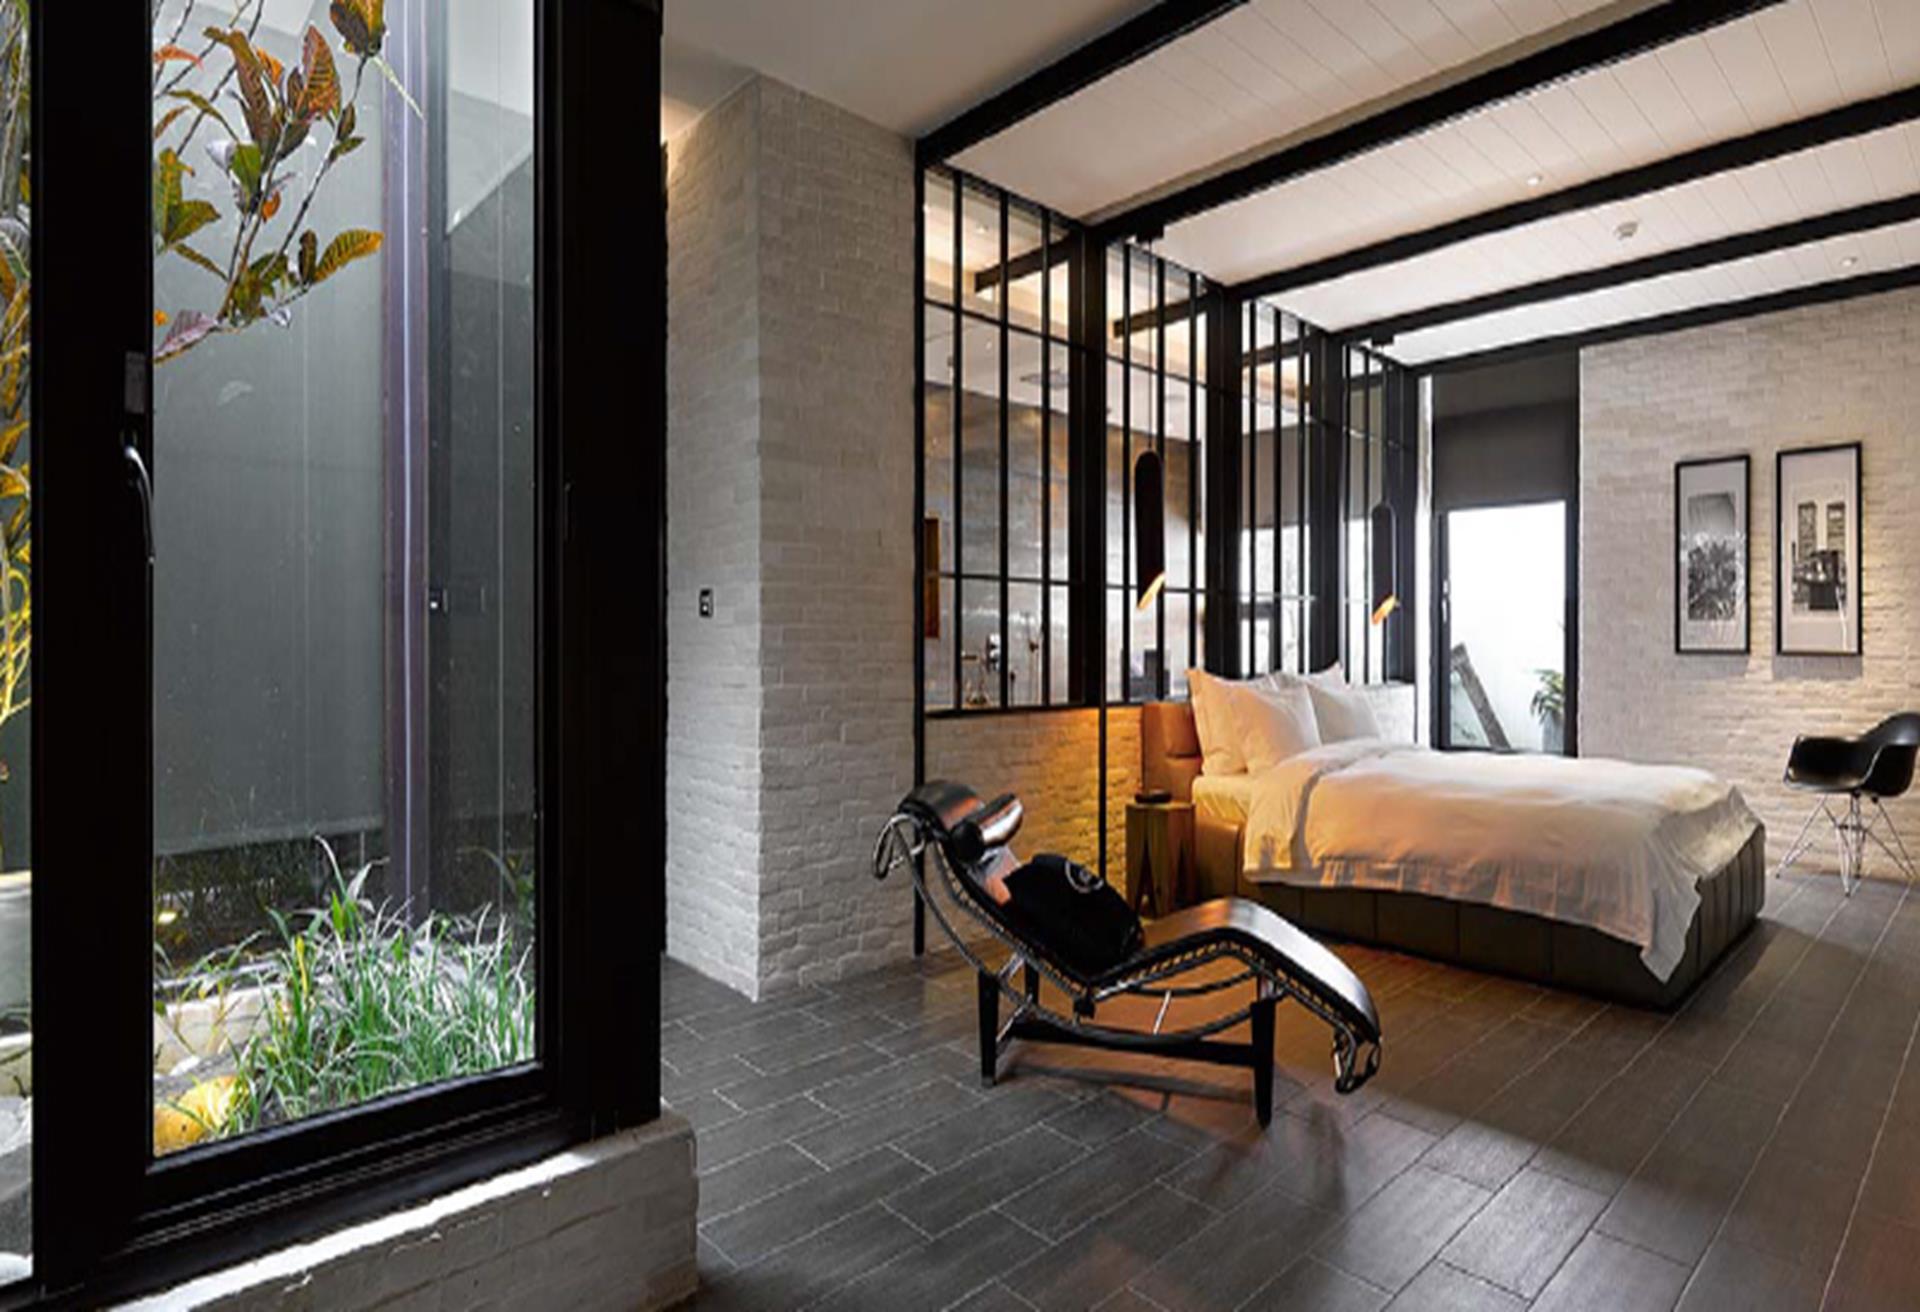 新竹汽車旅館 歐遊國際連鎖精品旅館新竹